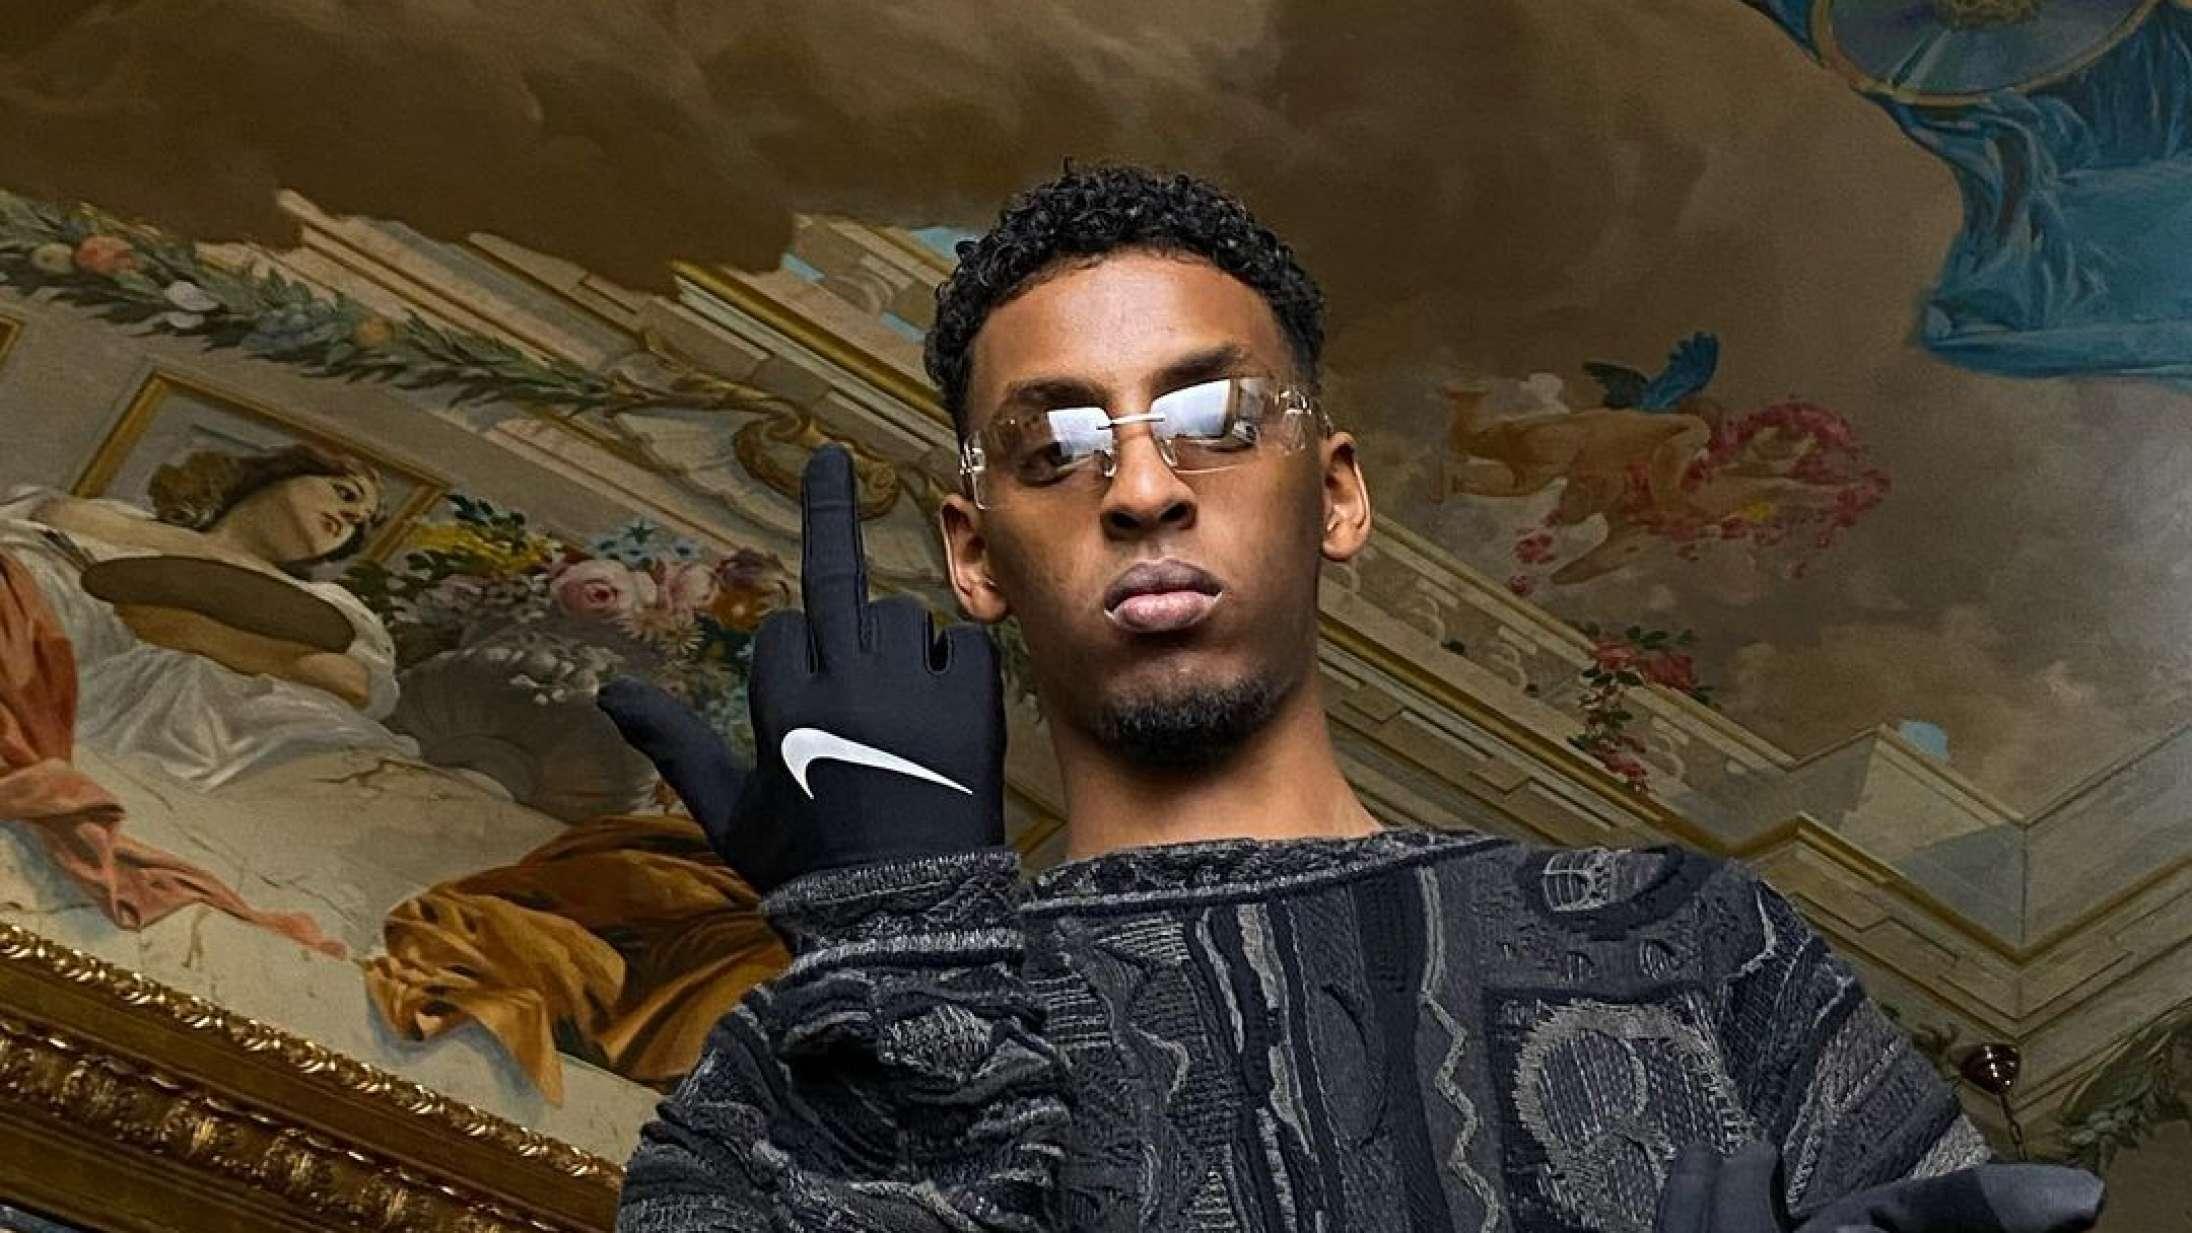 Sveriges største rapper er anholdt for at have kidnappet en anden kendt svensk kunstner